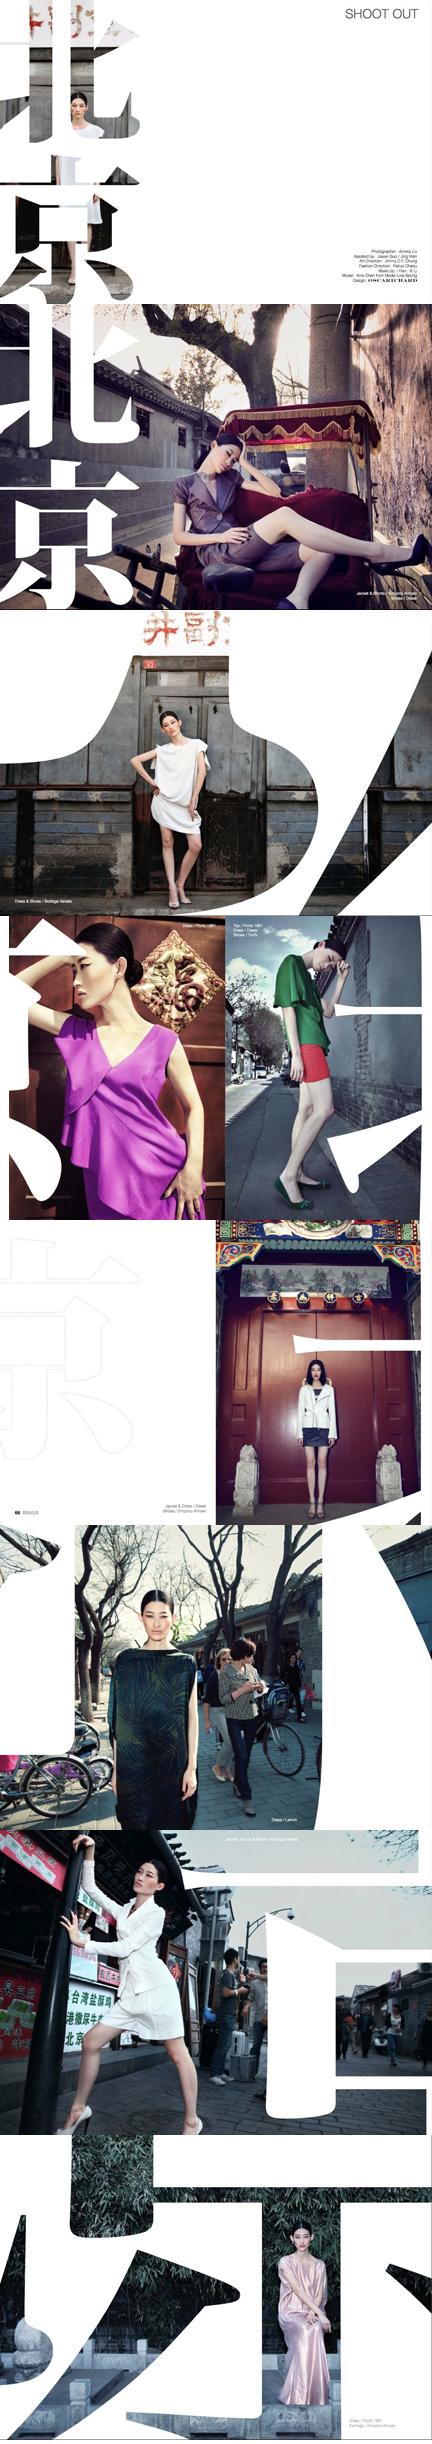 May 27, 2011 Amelia Liu Beijing (Beaux Magazine Hong Kong)